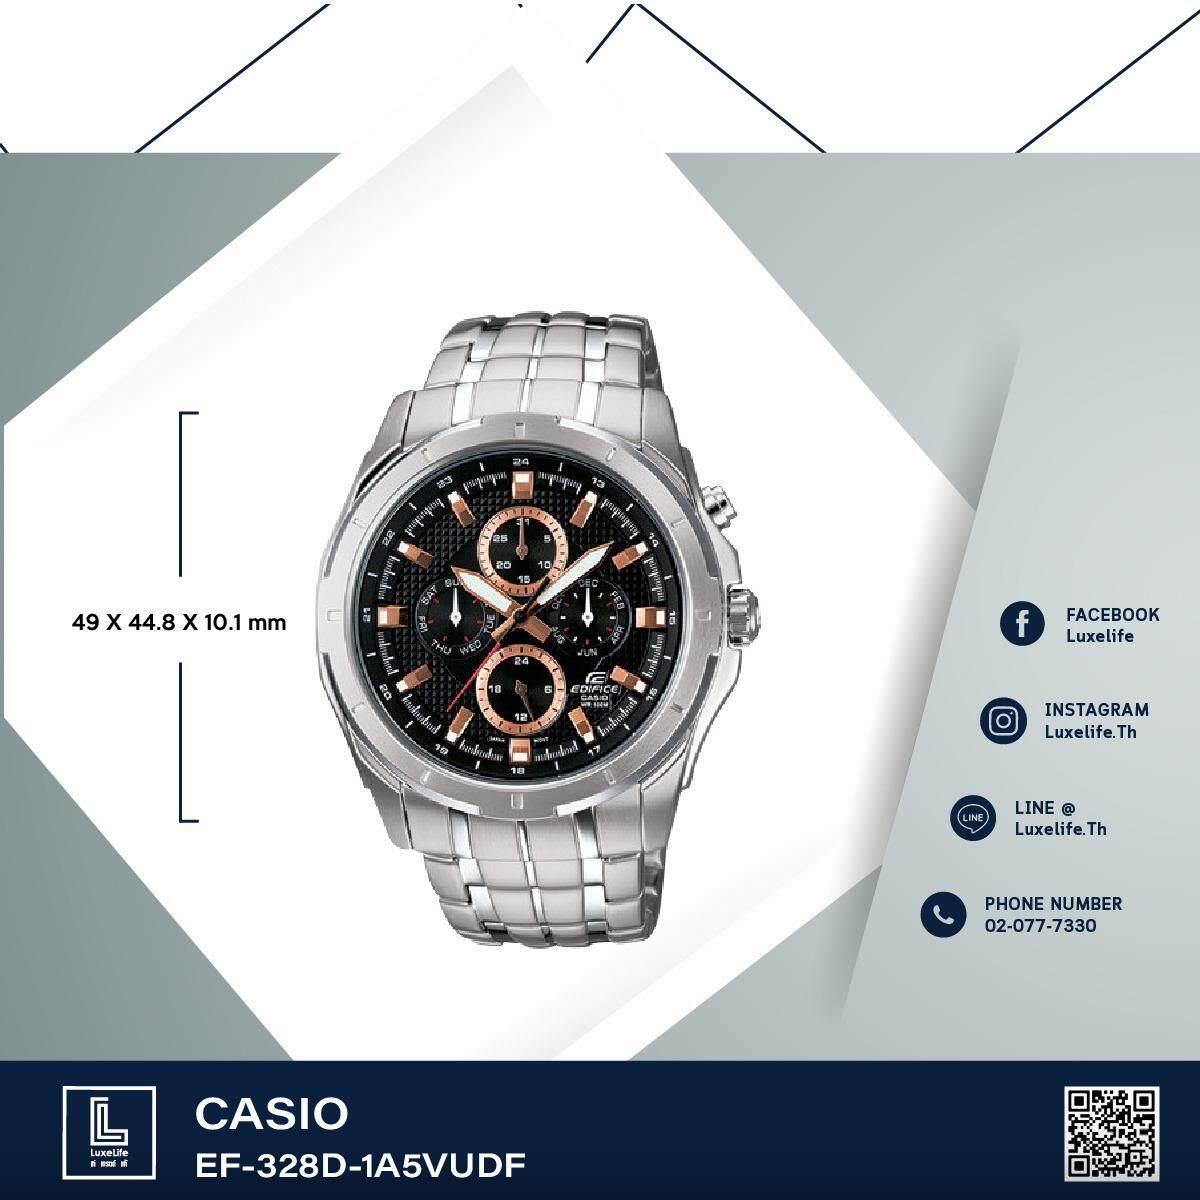 ซื้อ นาฬิกาข้อมือ Casio รุ่น Ef 328D 1A5Vudf Edifice นาฬิกาข้อมือผู้ชาย 7 เข็ม สายแสตนเลส ใน กรุงเทพมหานคร